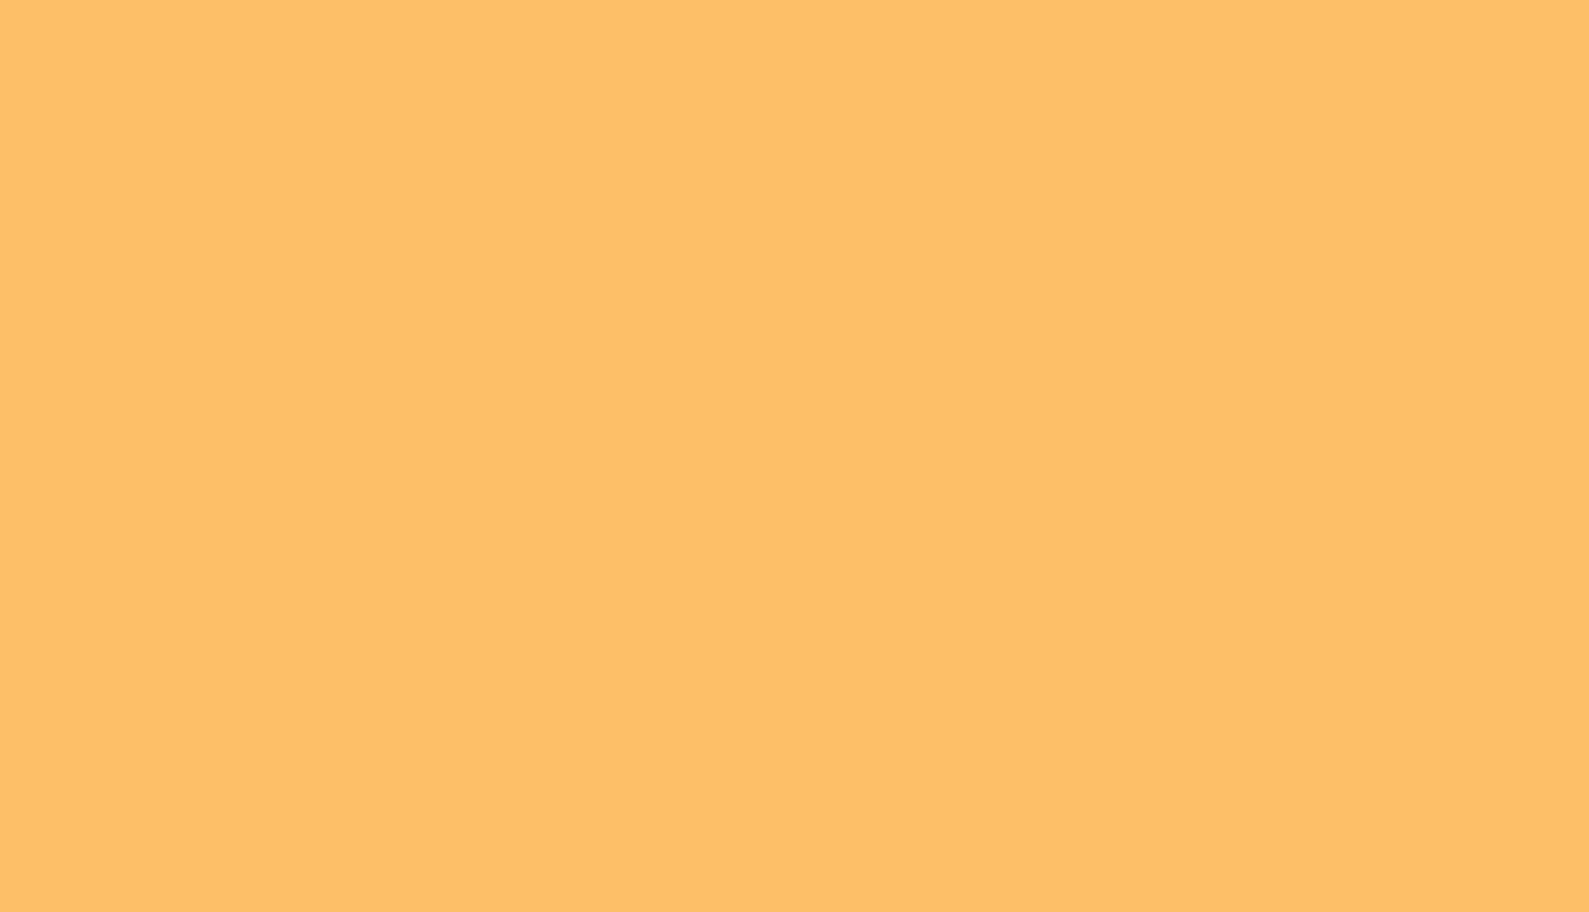 rectangle orange Clipart illustration in PNG, SVG